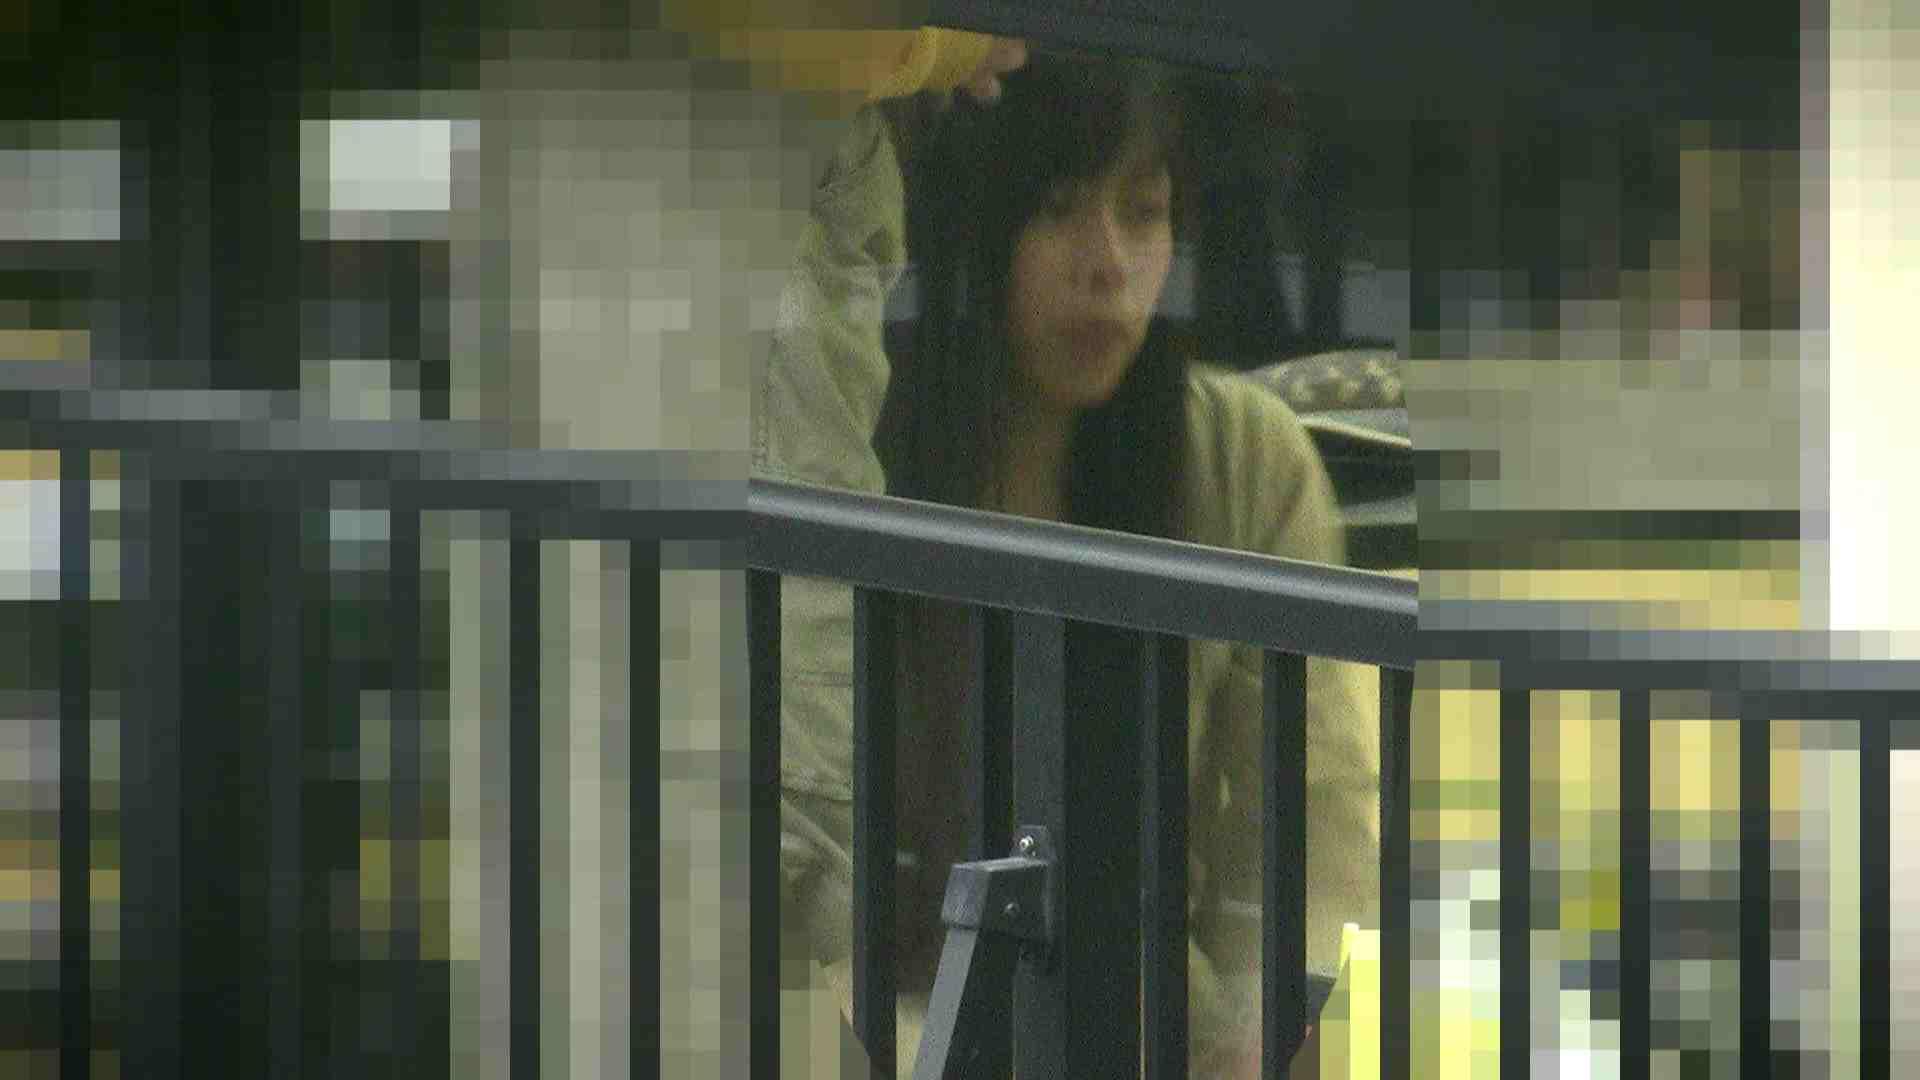 高画質露天女風呂観察 vol.006 0  84連発 8